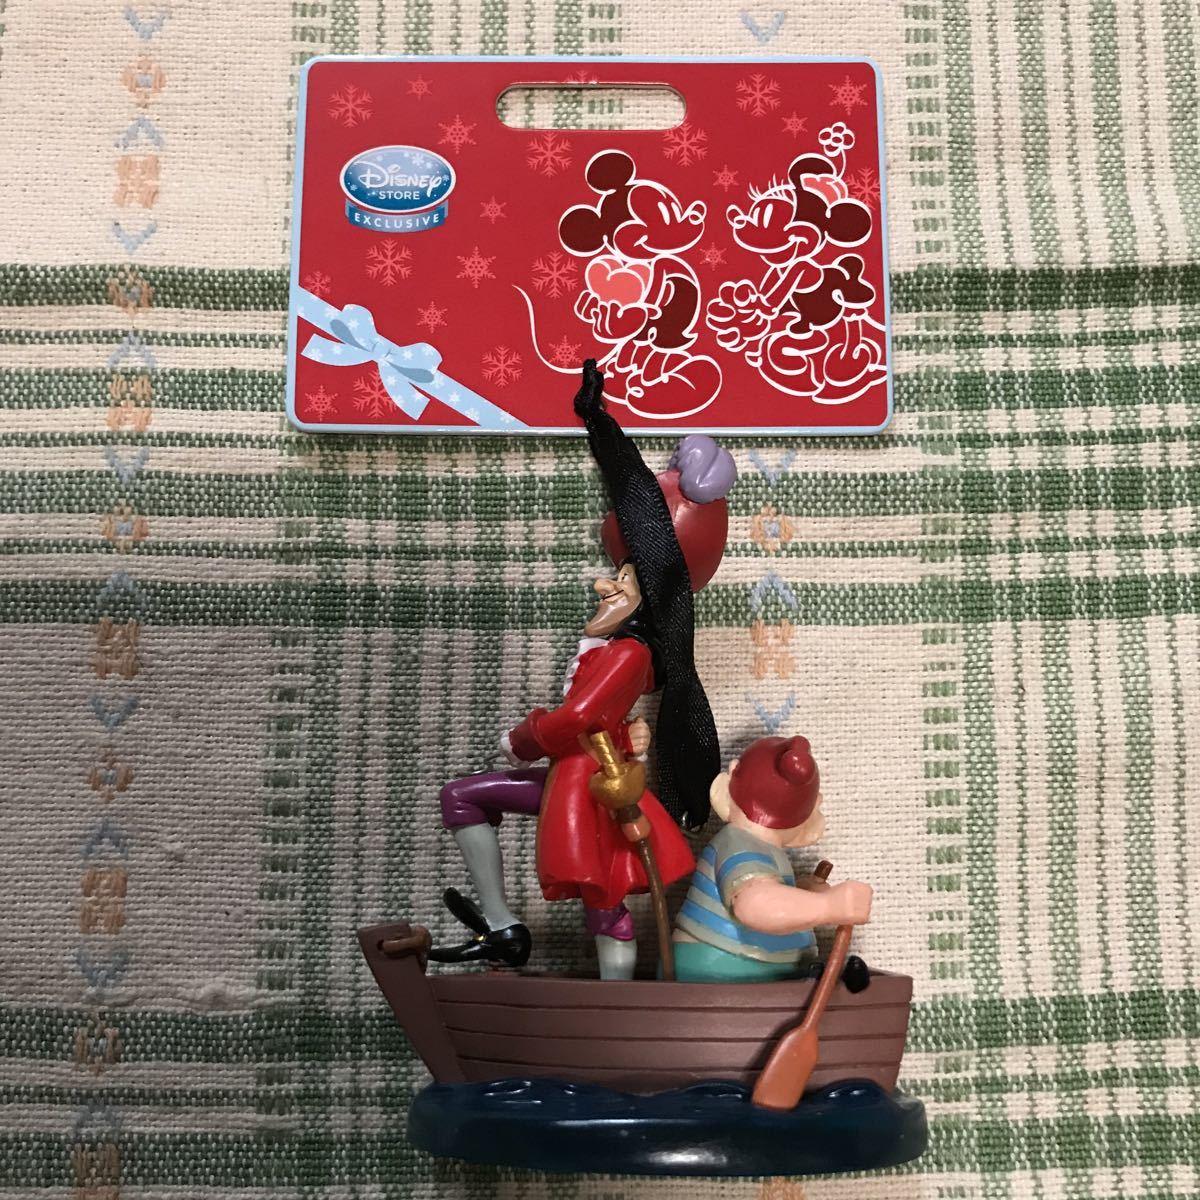 置物 ディズニー クリスマスの値段と価格推移は?|5件の売買情報を集計